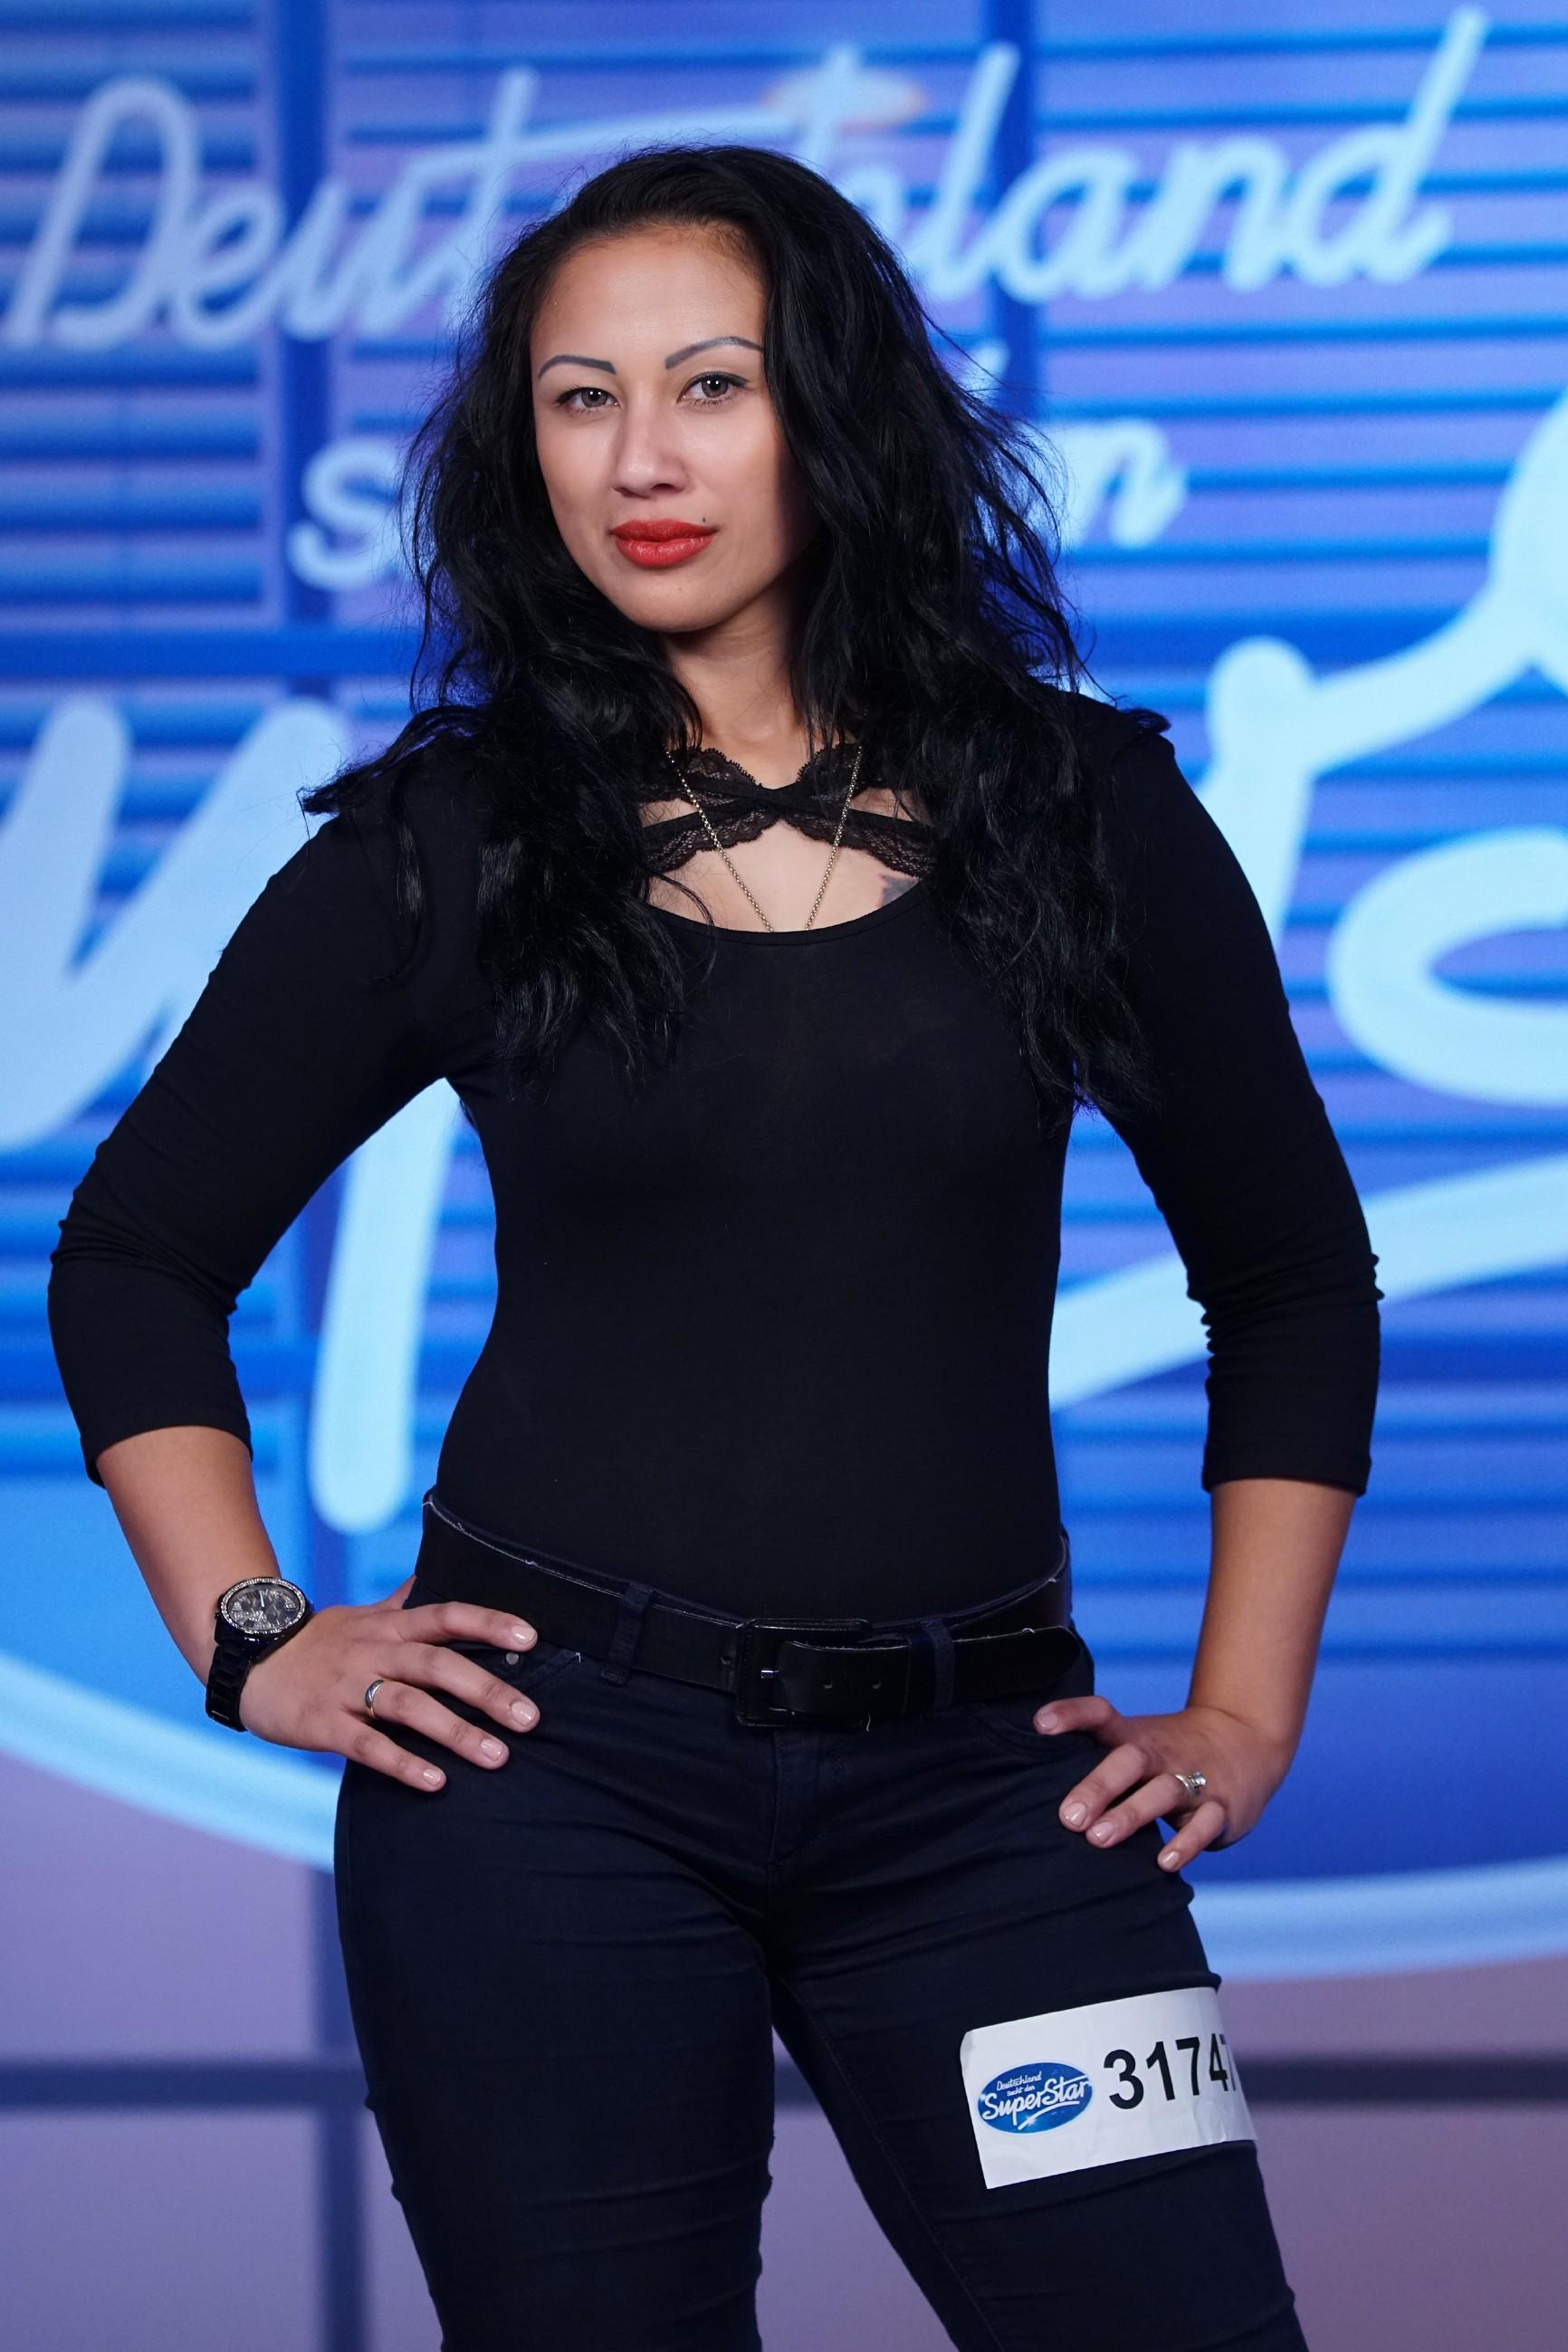 Natalie Dsds